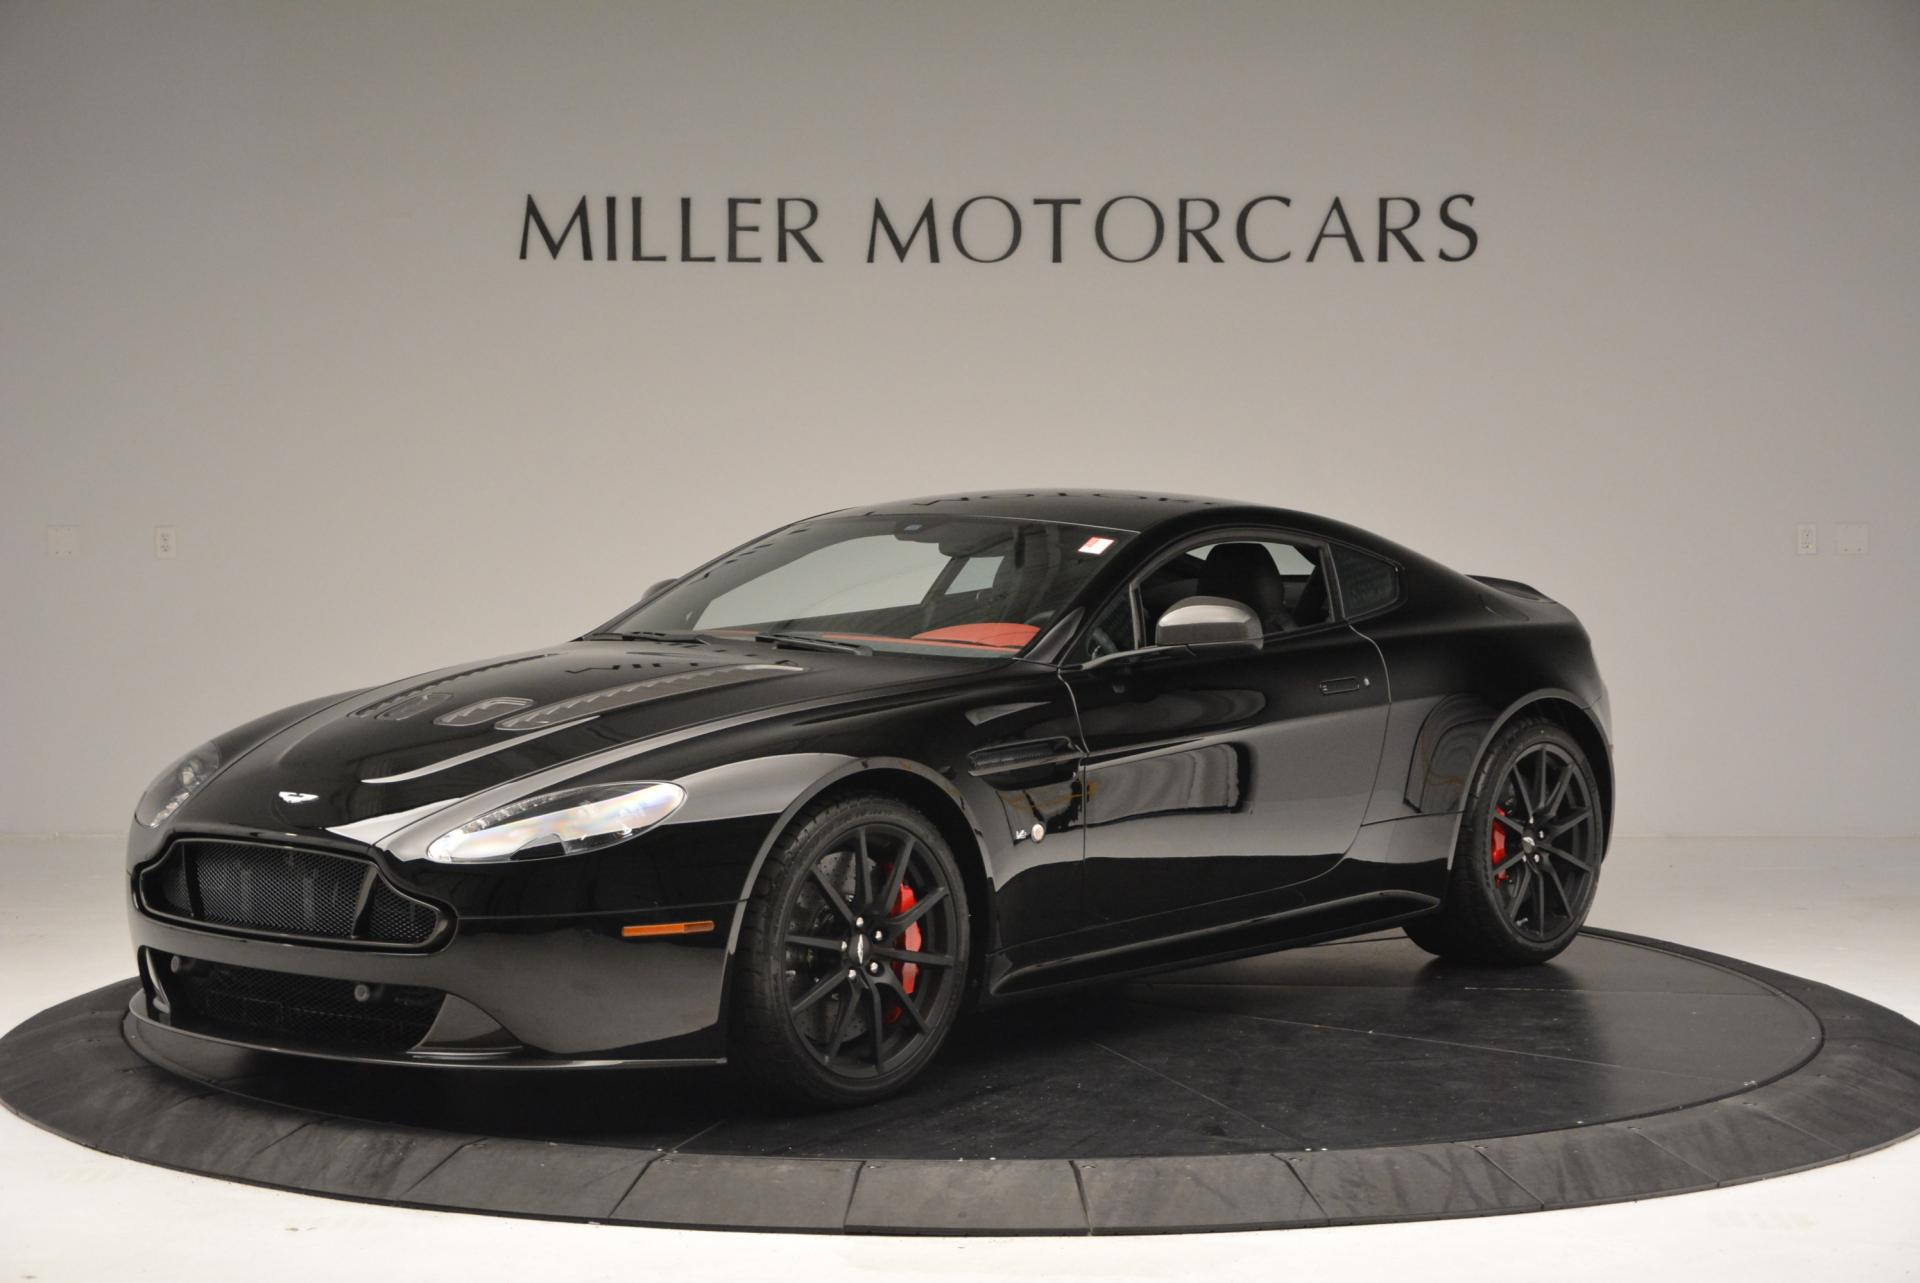 New 2015 Aston Martin V12 Vantage S  For Sale In Greenwich, CT. Alfa Romeo of Greenwich, A1154 103_p2